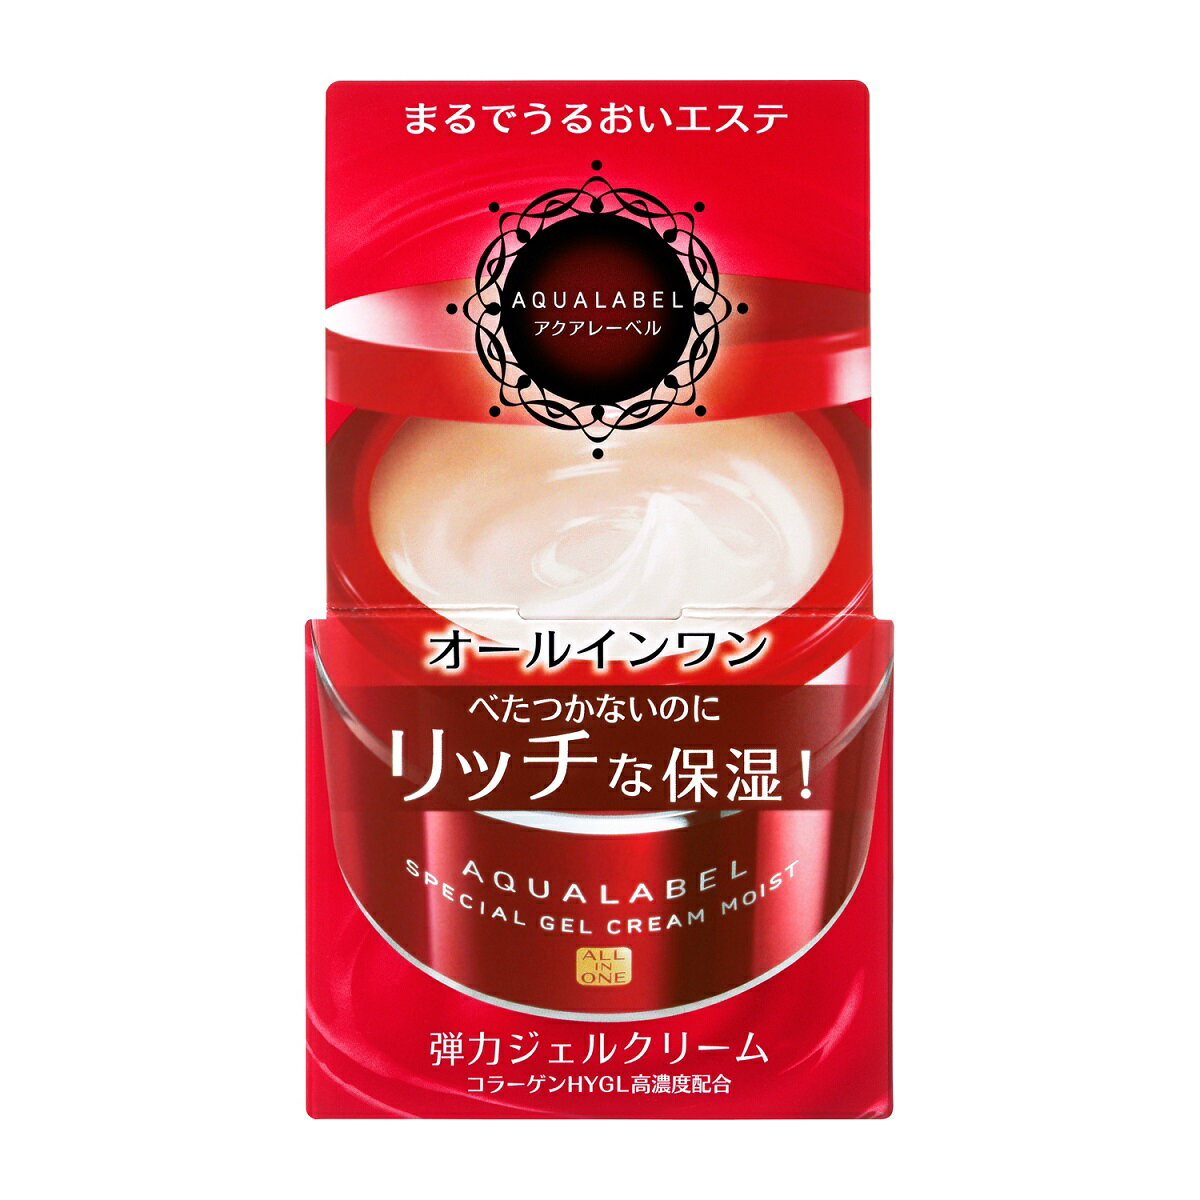 【在庫有、即納】アクアレーベル スペシャルジェルクリーム (モイスト)